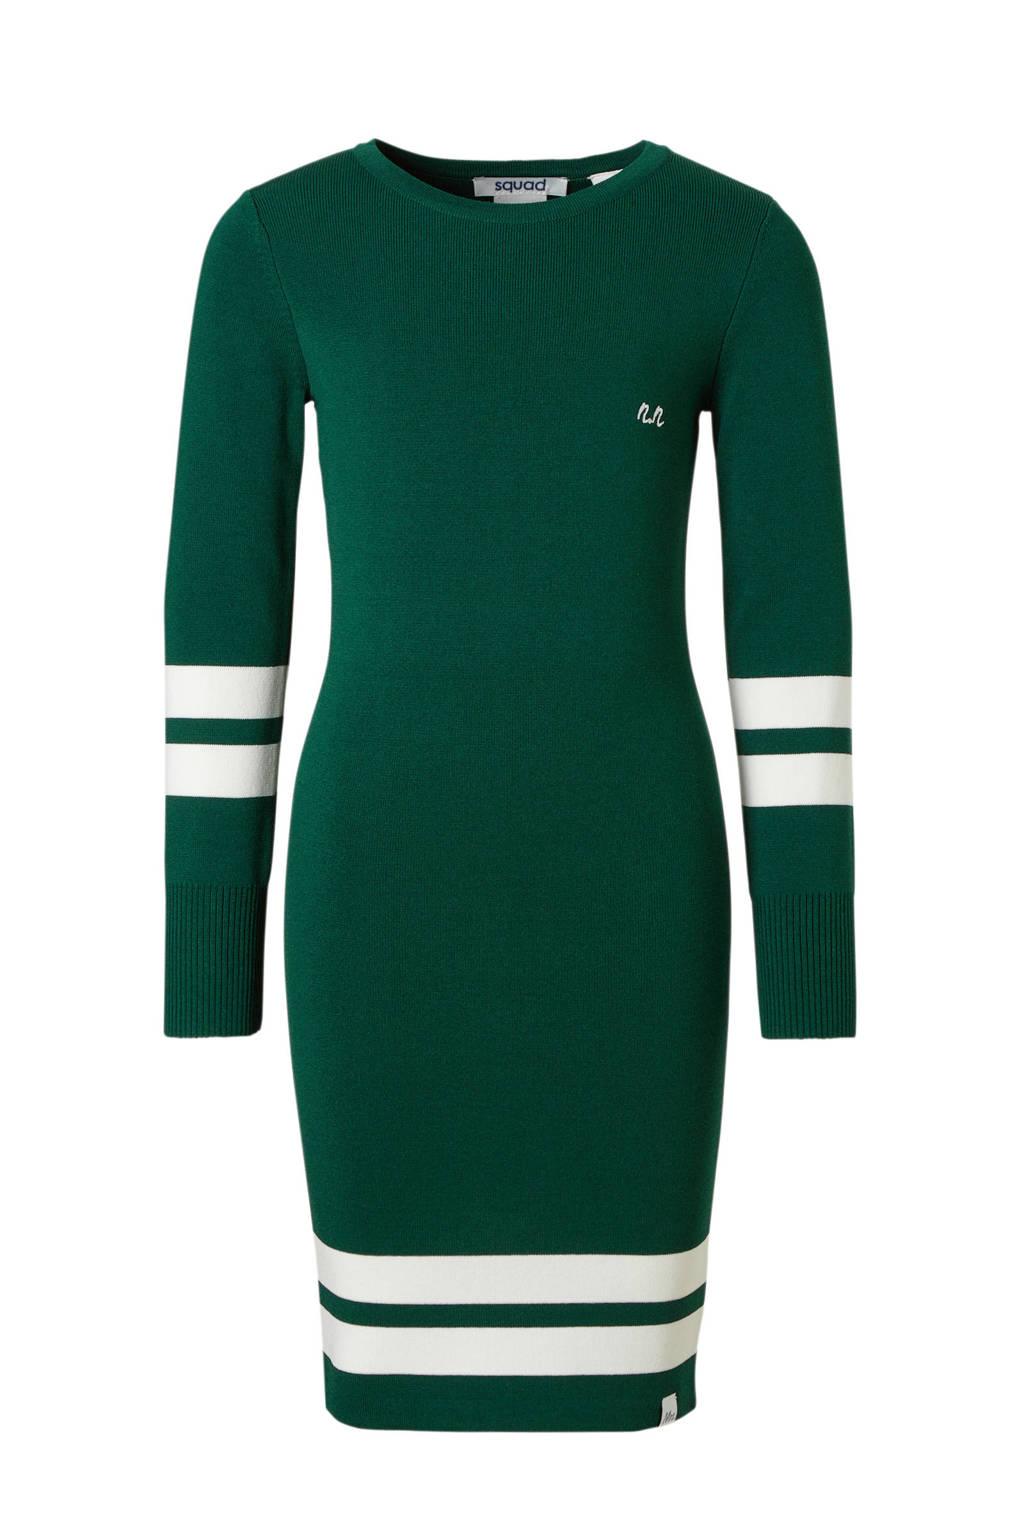 NIK&NIK jurk Jolie groen, Donkergroen/wit